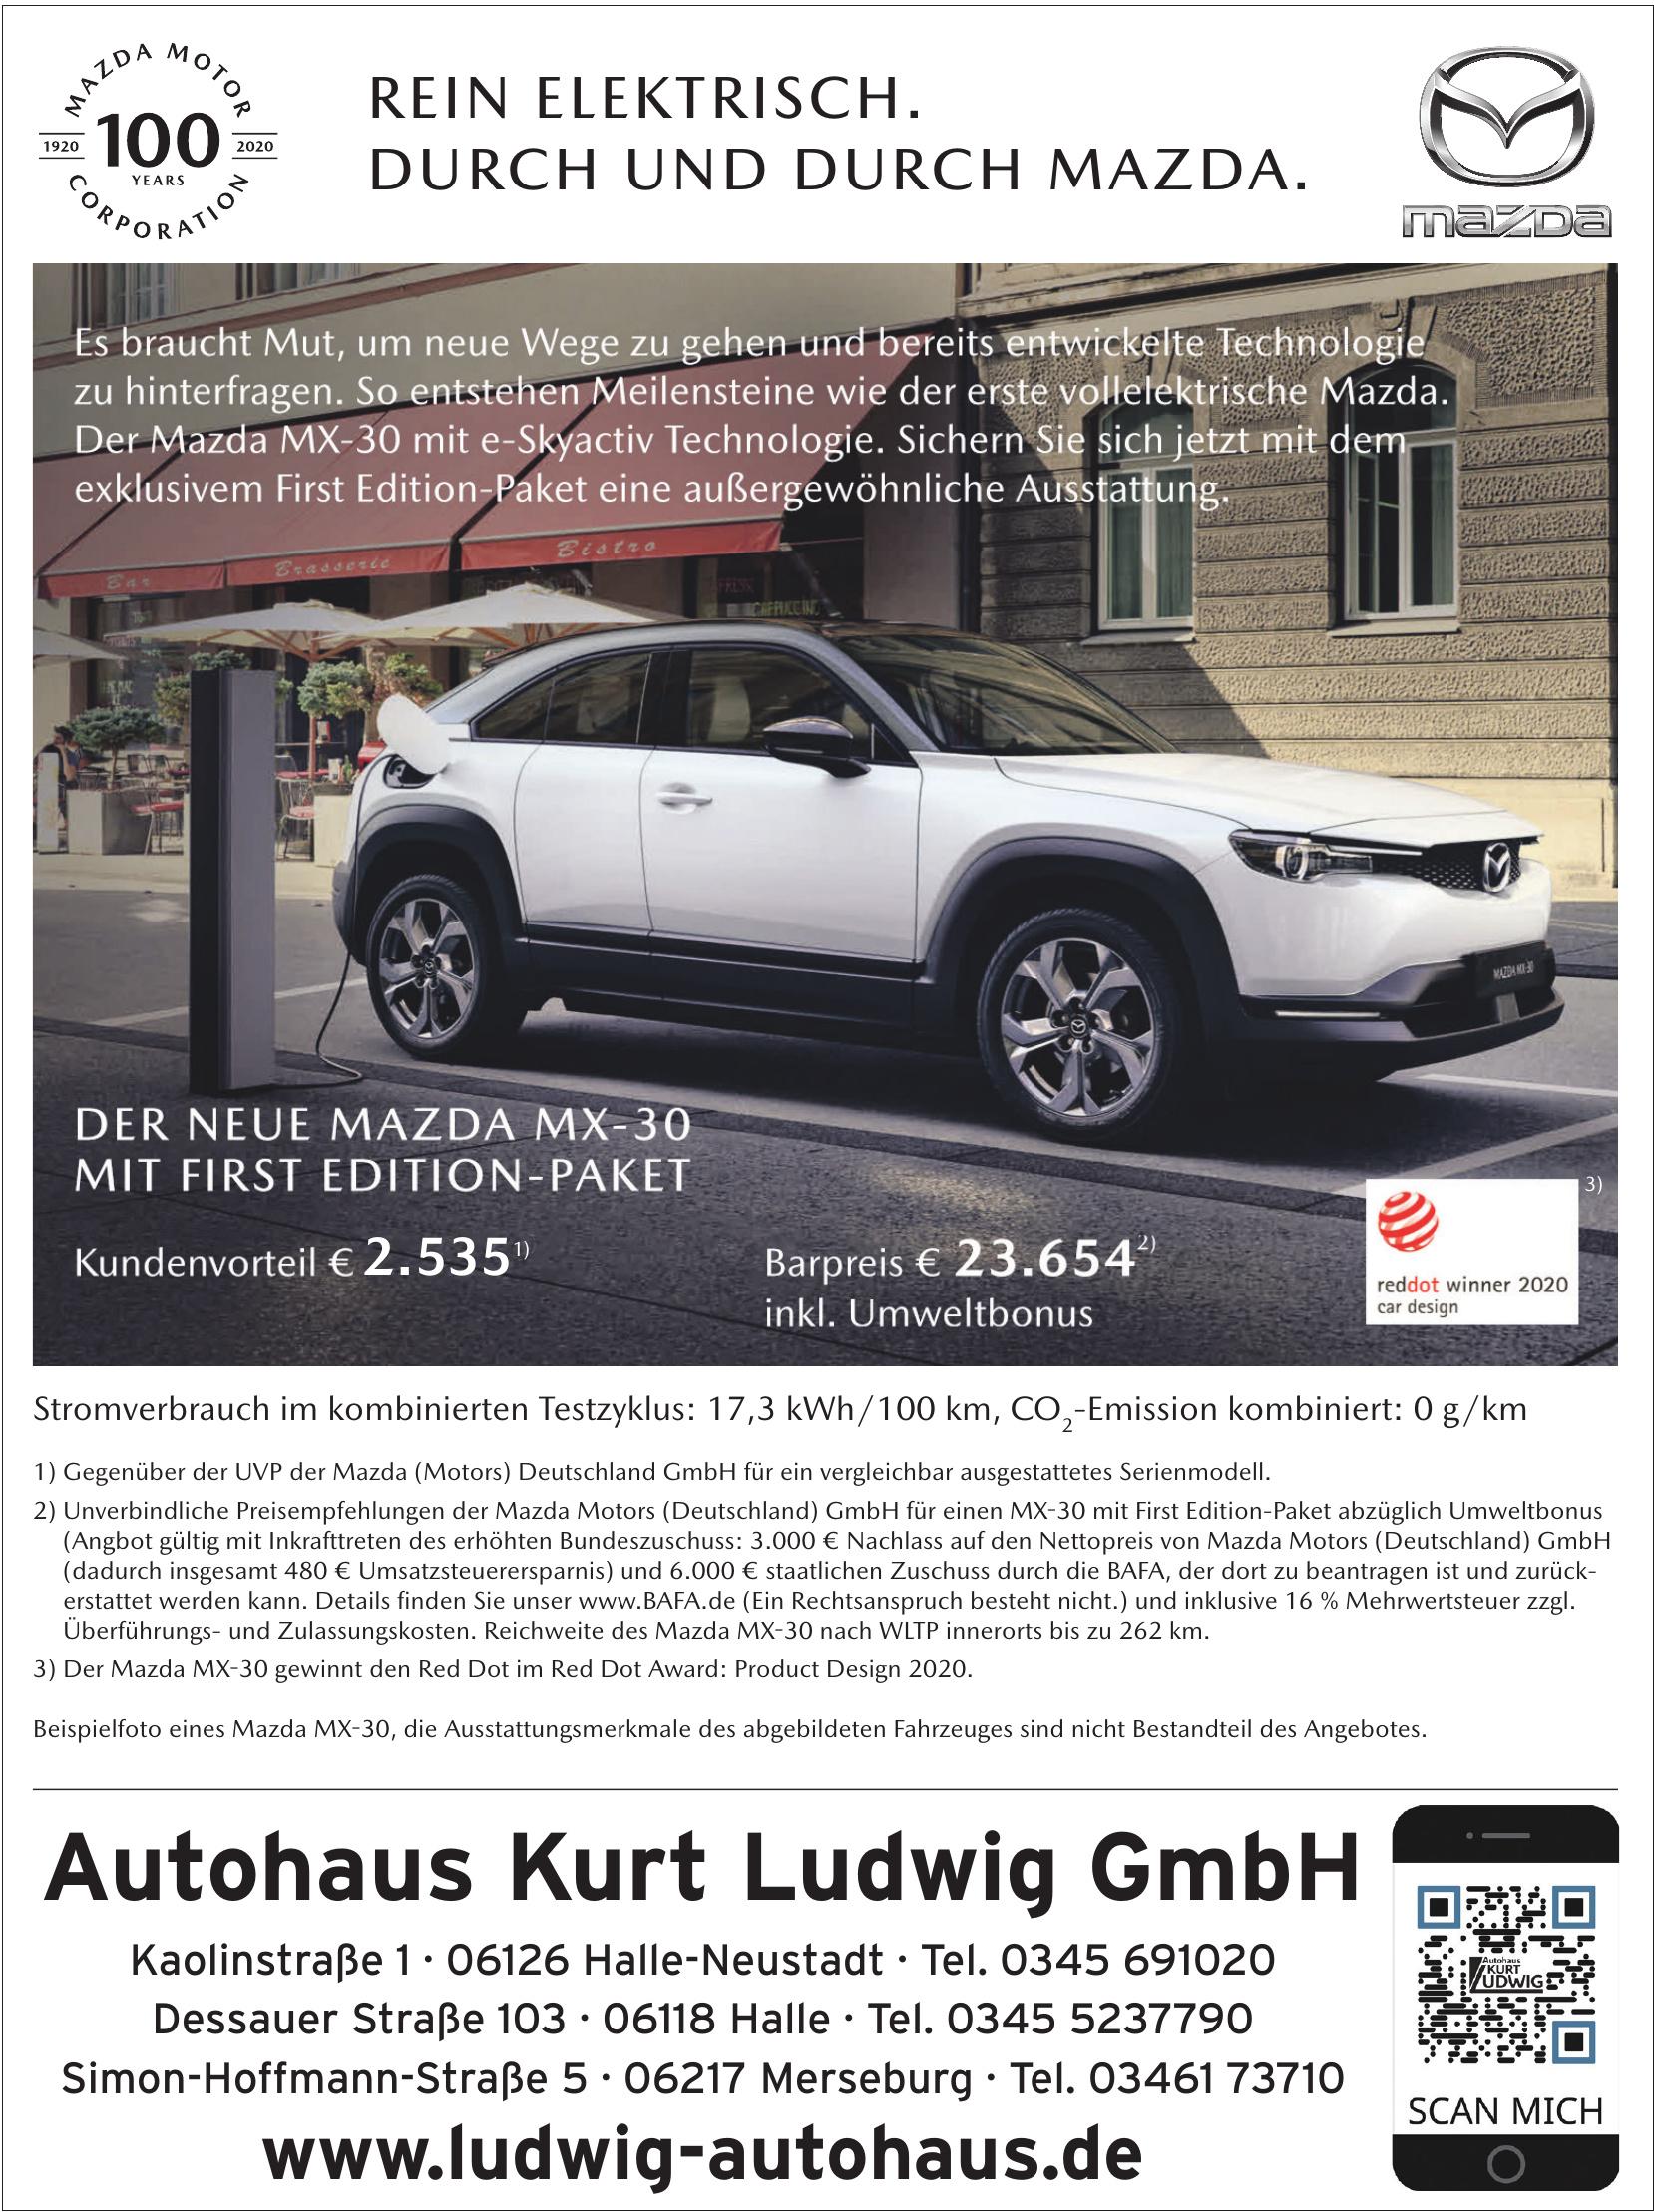 Autohaus Kurt Ludwig GmbH